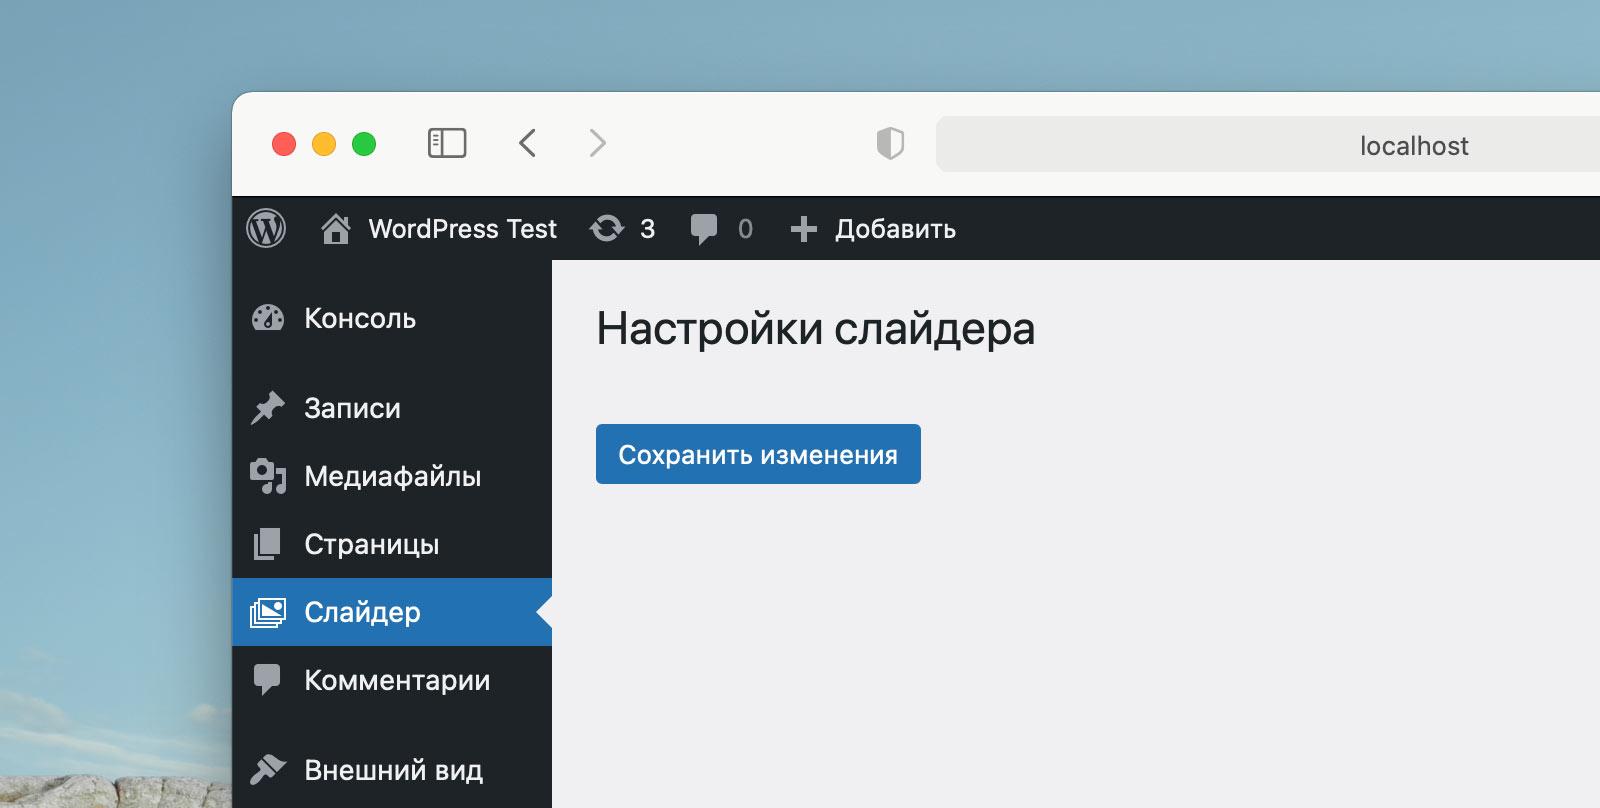 Страница настроек в WordPress без полей